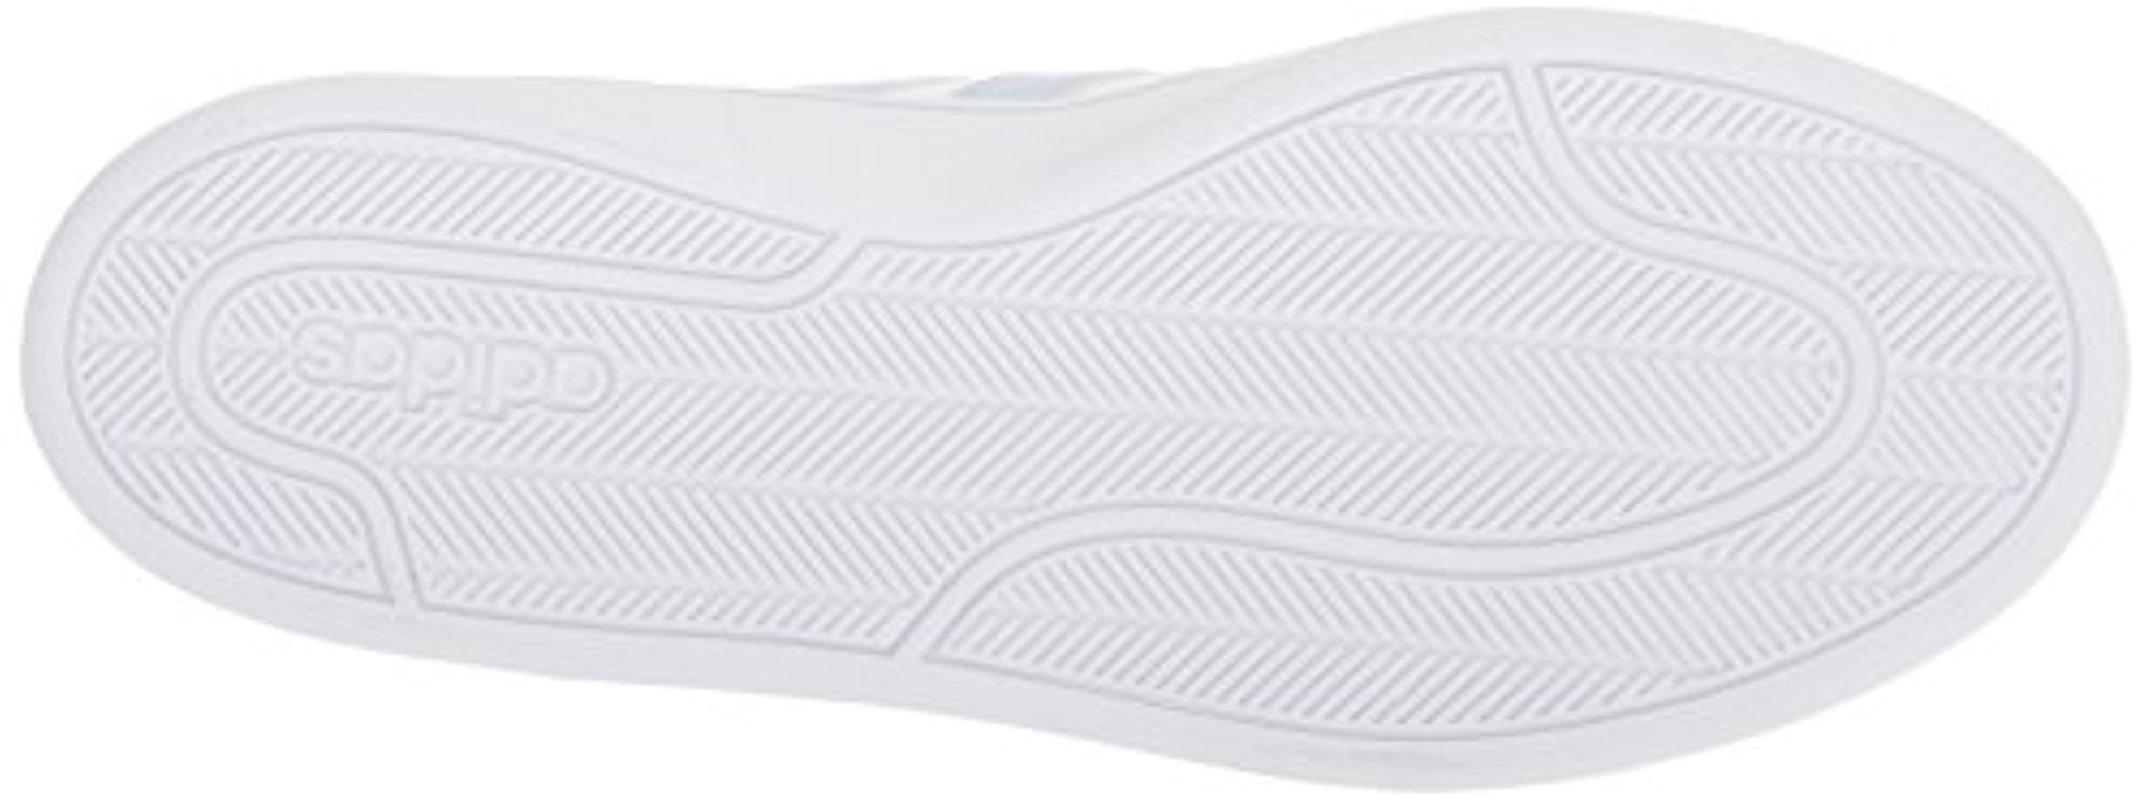 lyst adidas originali del vantaggio delle scarpe da ginnastica, ftwr bianco, aero blu